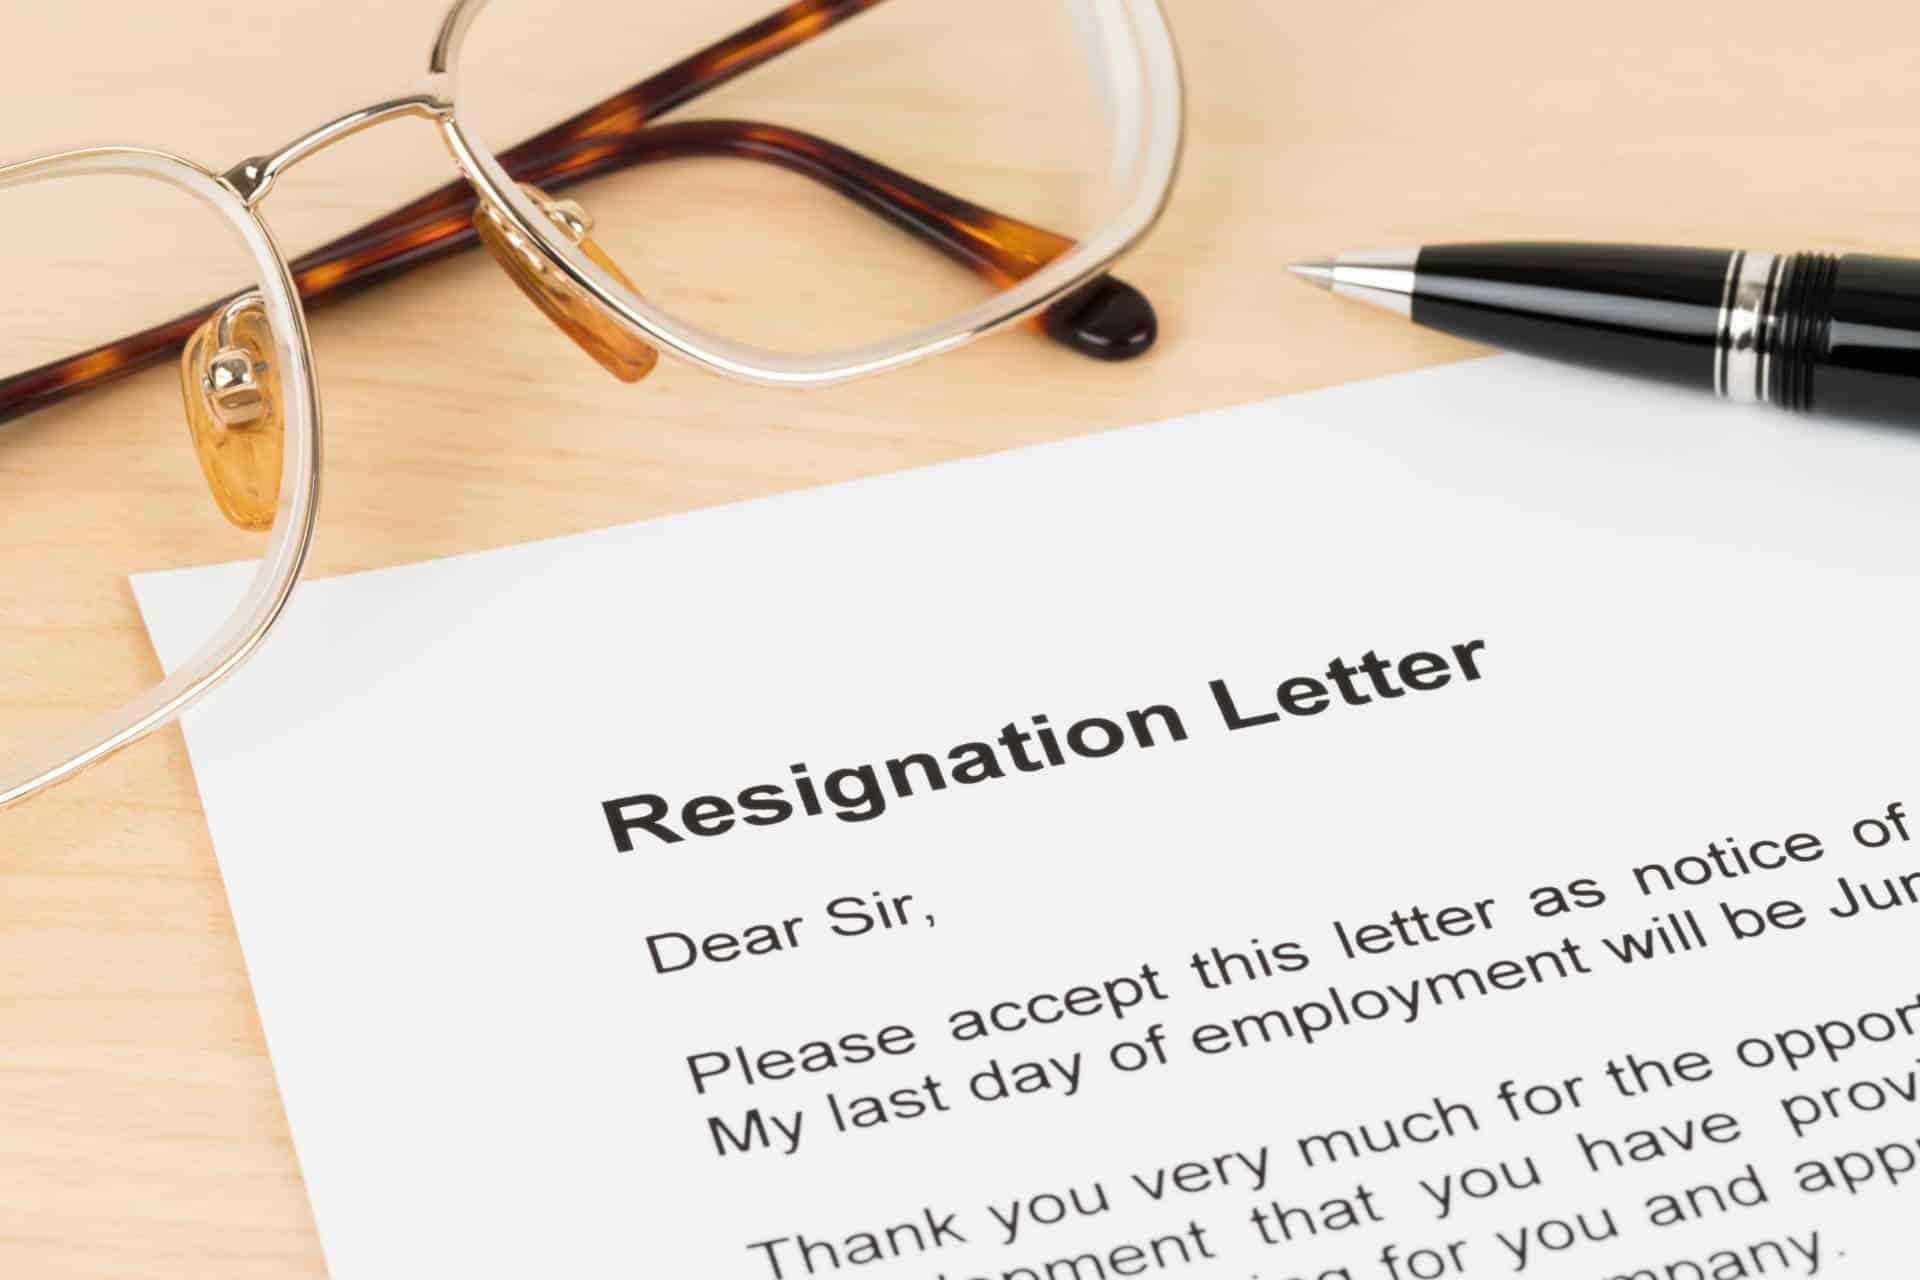 Contoh Surat Pengunduran Diri Kerja karena Pindah Kerja